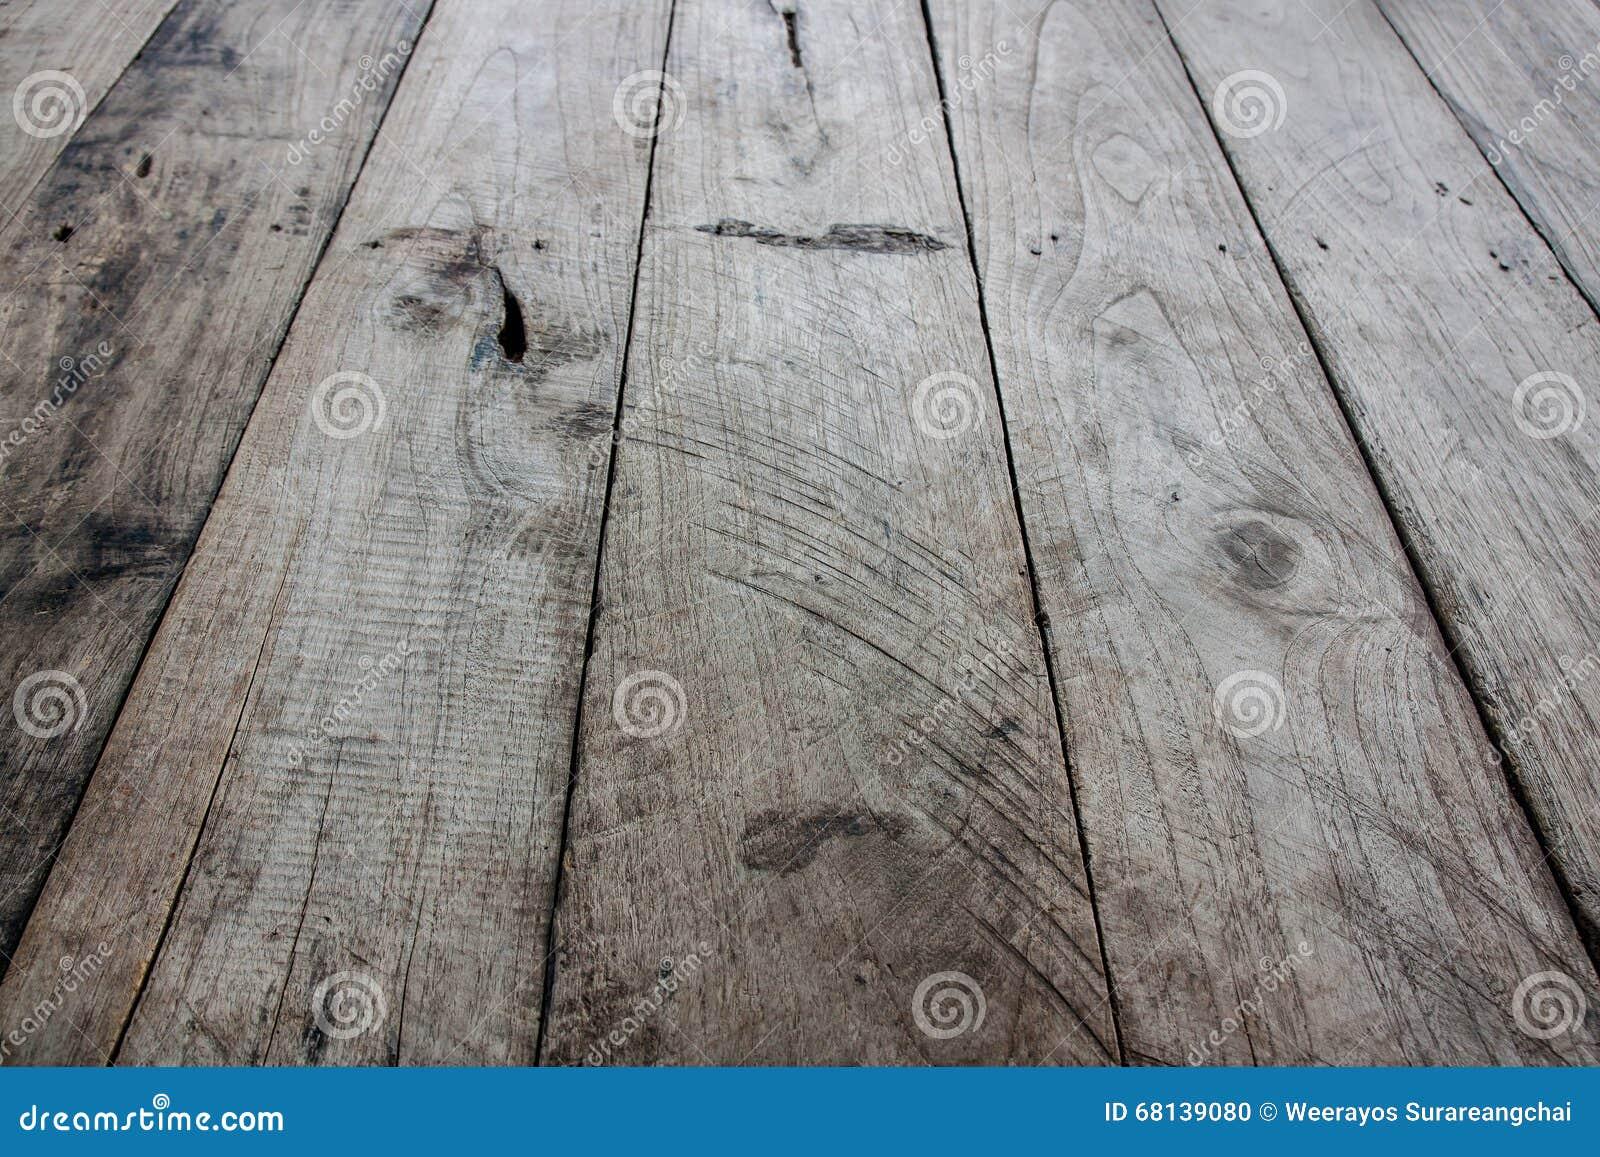 Oude Houten Vloeren : Oude houten vloeren abstracte achtergrond stock foto afbeelding